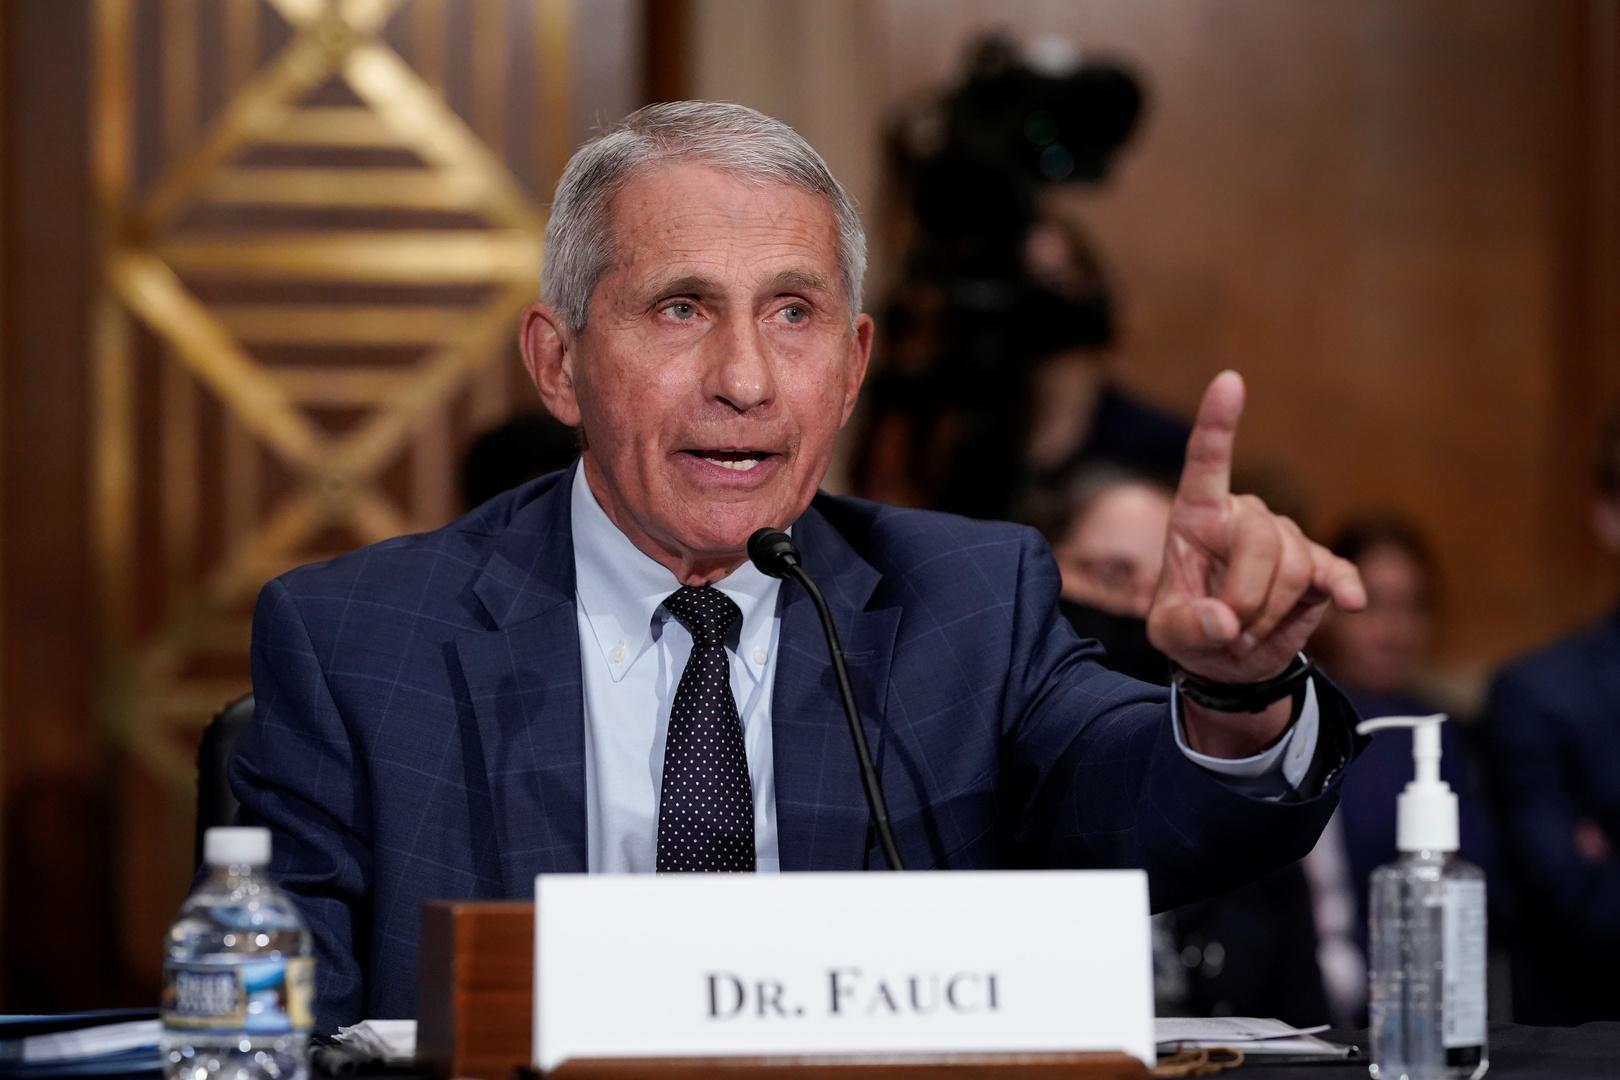 فاوتشي يأمل بإصدار السلطات الأمريكية ترخيصا كاملا لاستخدام لقاحات كورونا